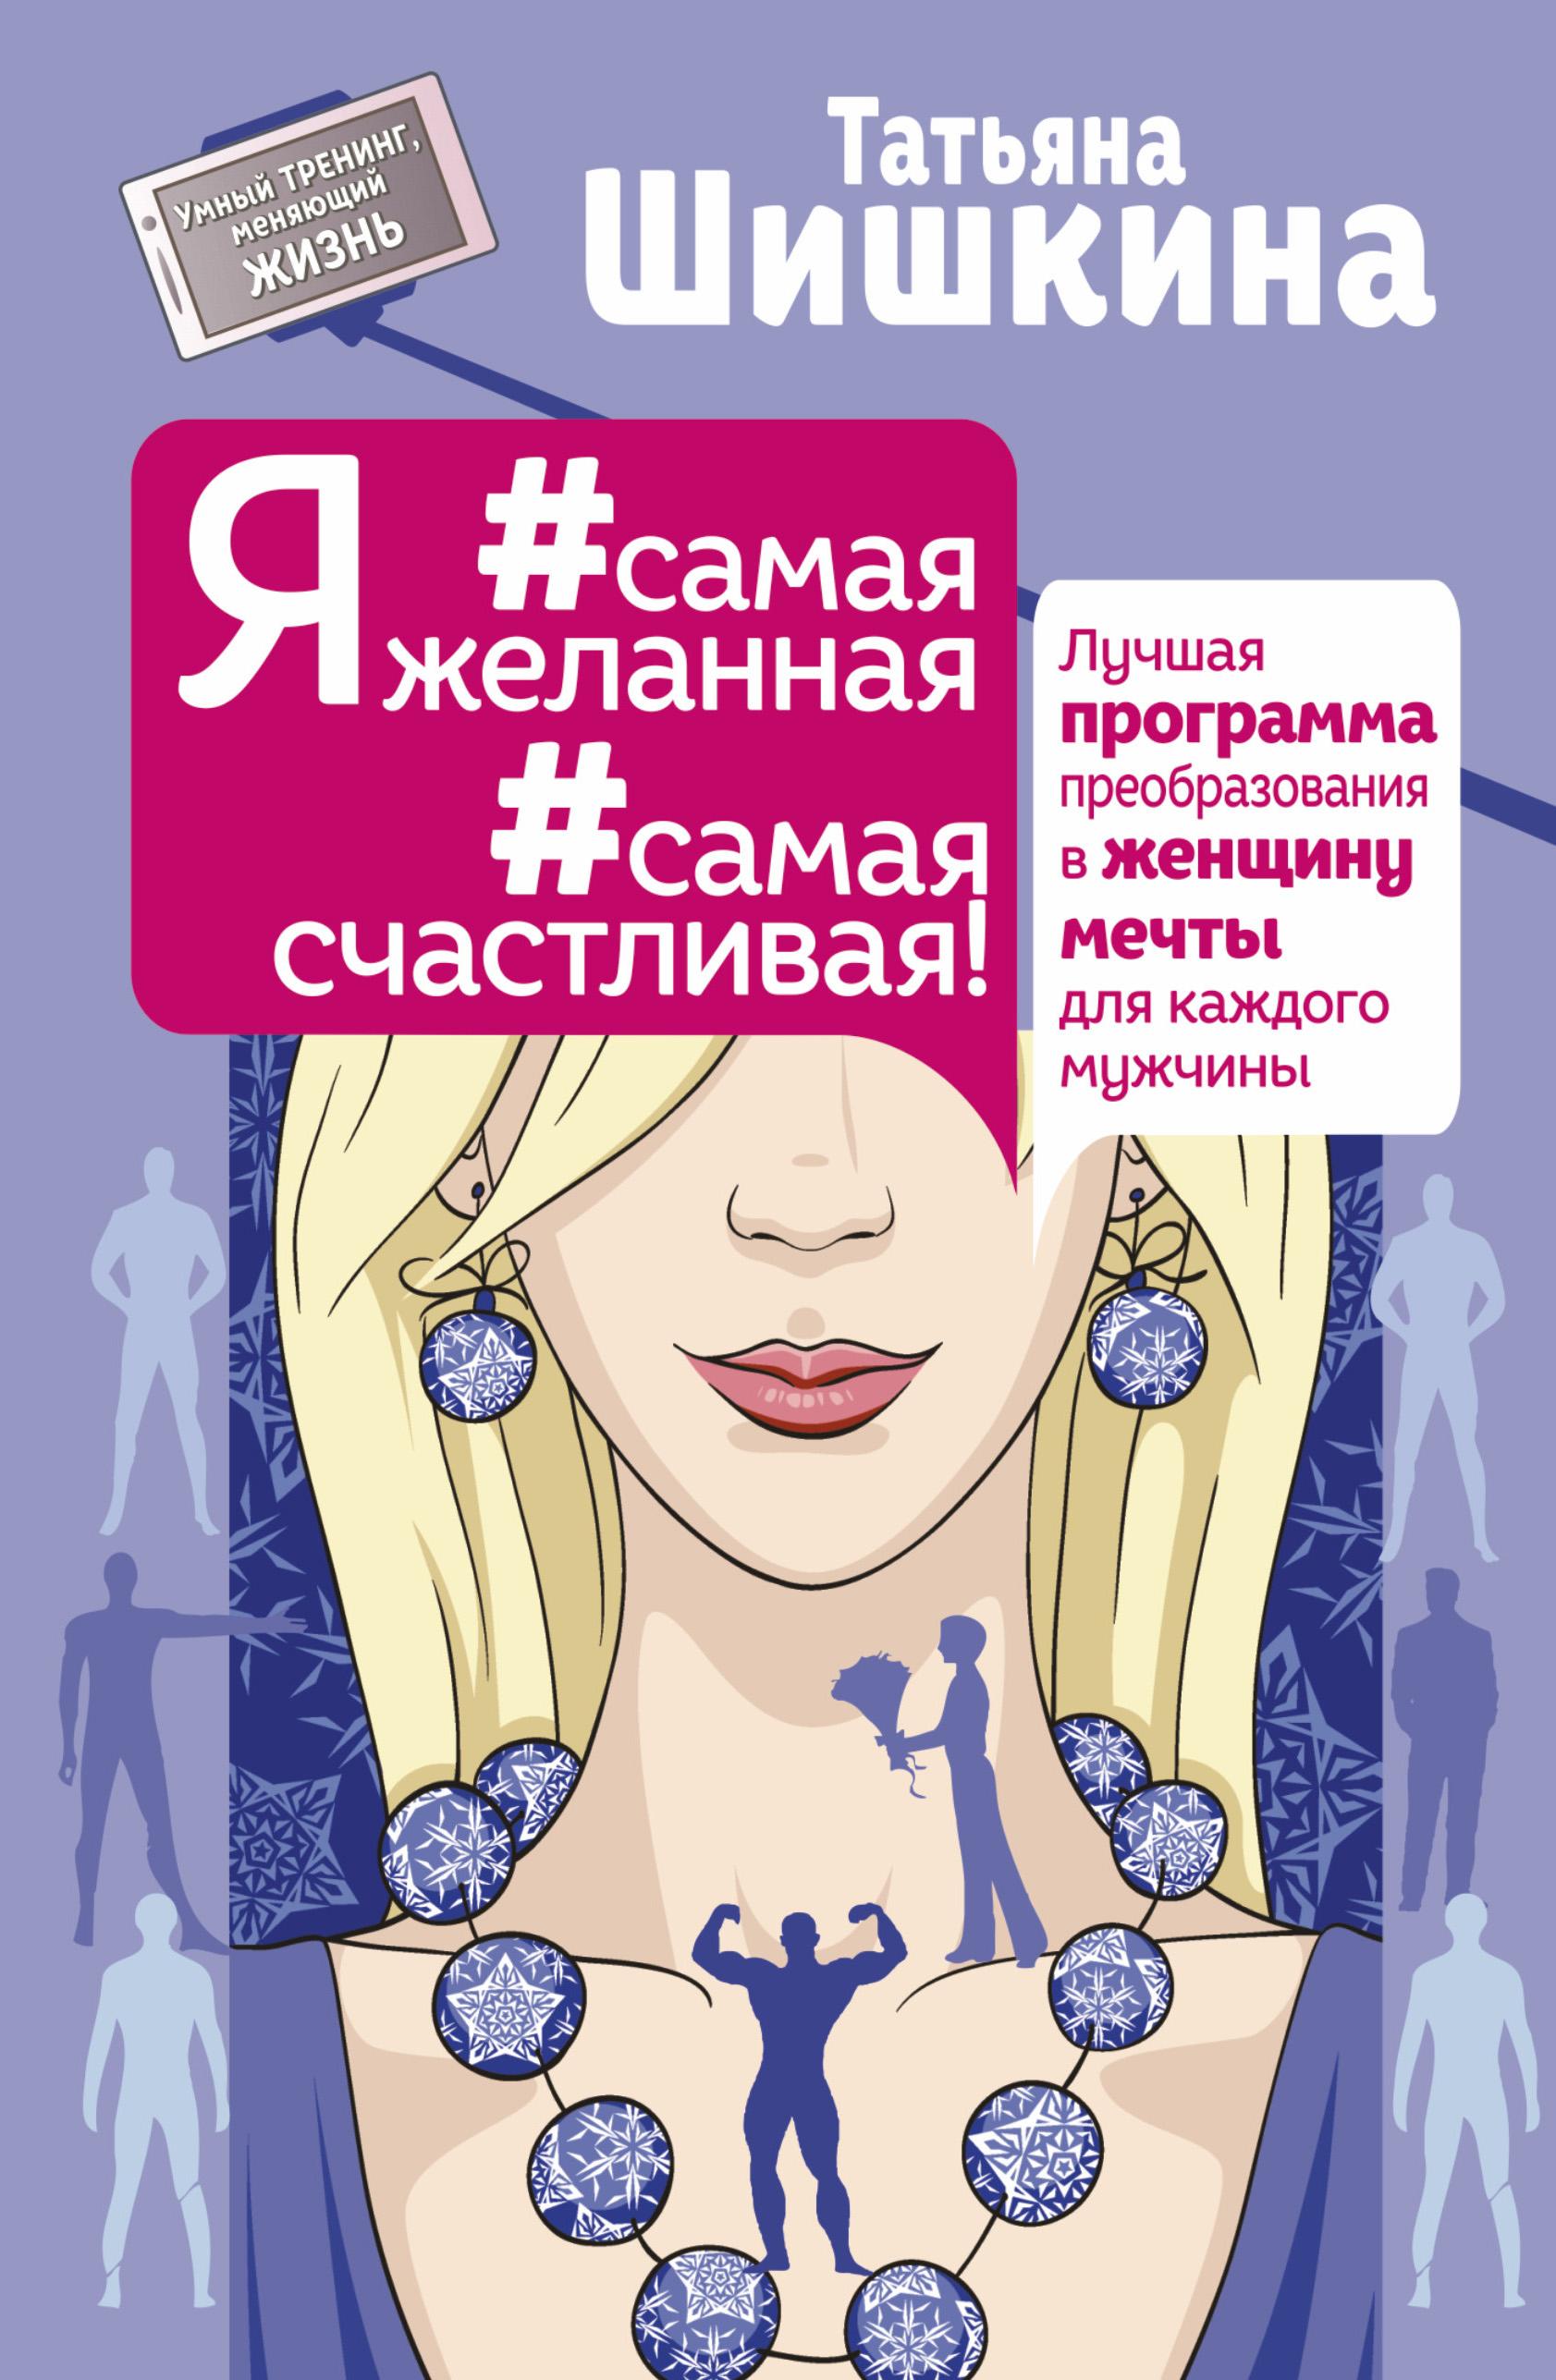 Татьяна Шишкина Я #самая желанная #самая счастливая! Лучшая программа преобразования в женщину мечты для каждого мужчины